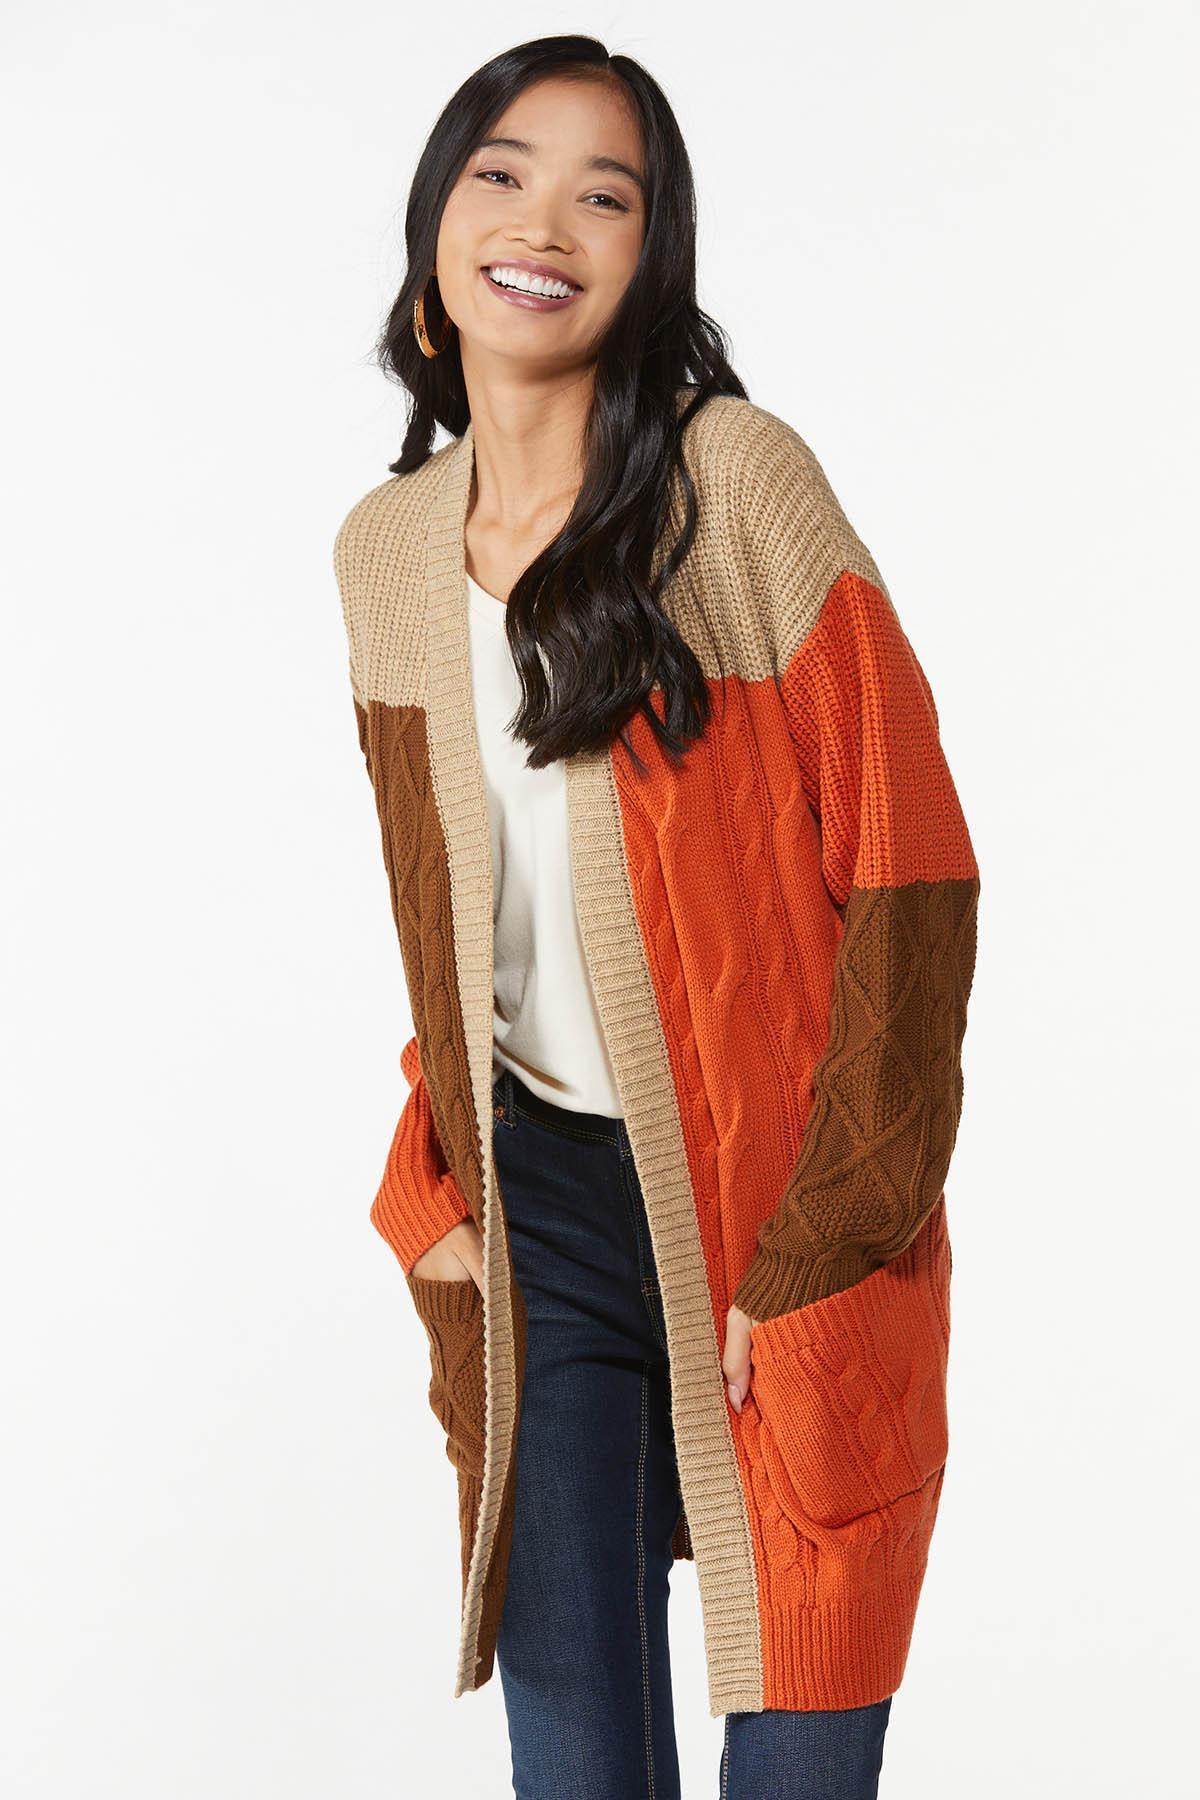 Plus Size Autumn Colorblock Cardigan Sweater